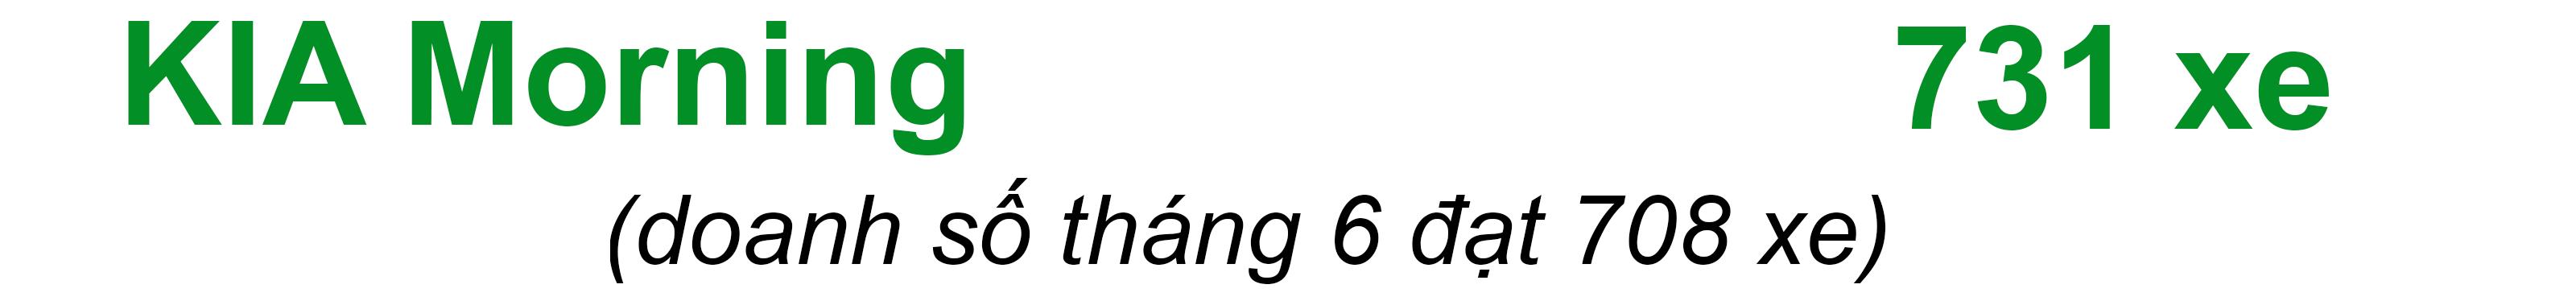 Phân khúc xe đô thị tháng 7/2019: Xáo trộn vì VinFast Fadil? - 9